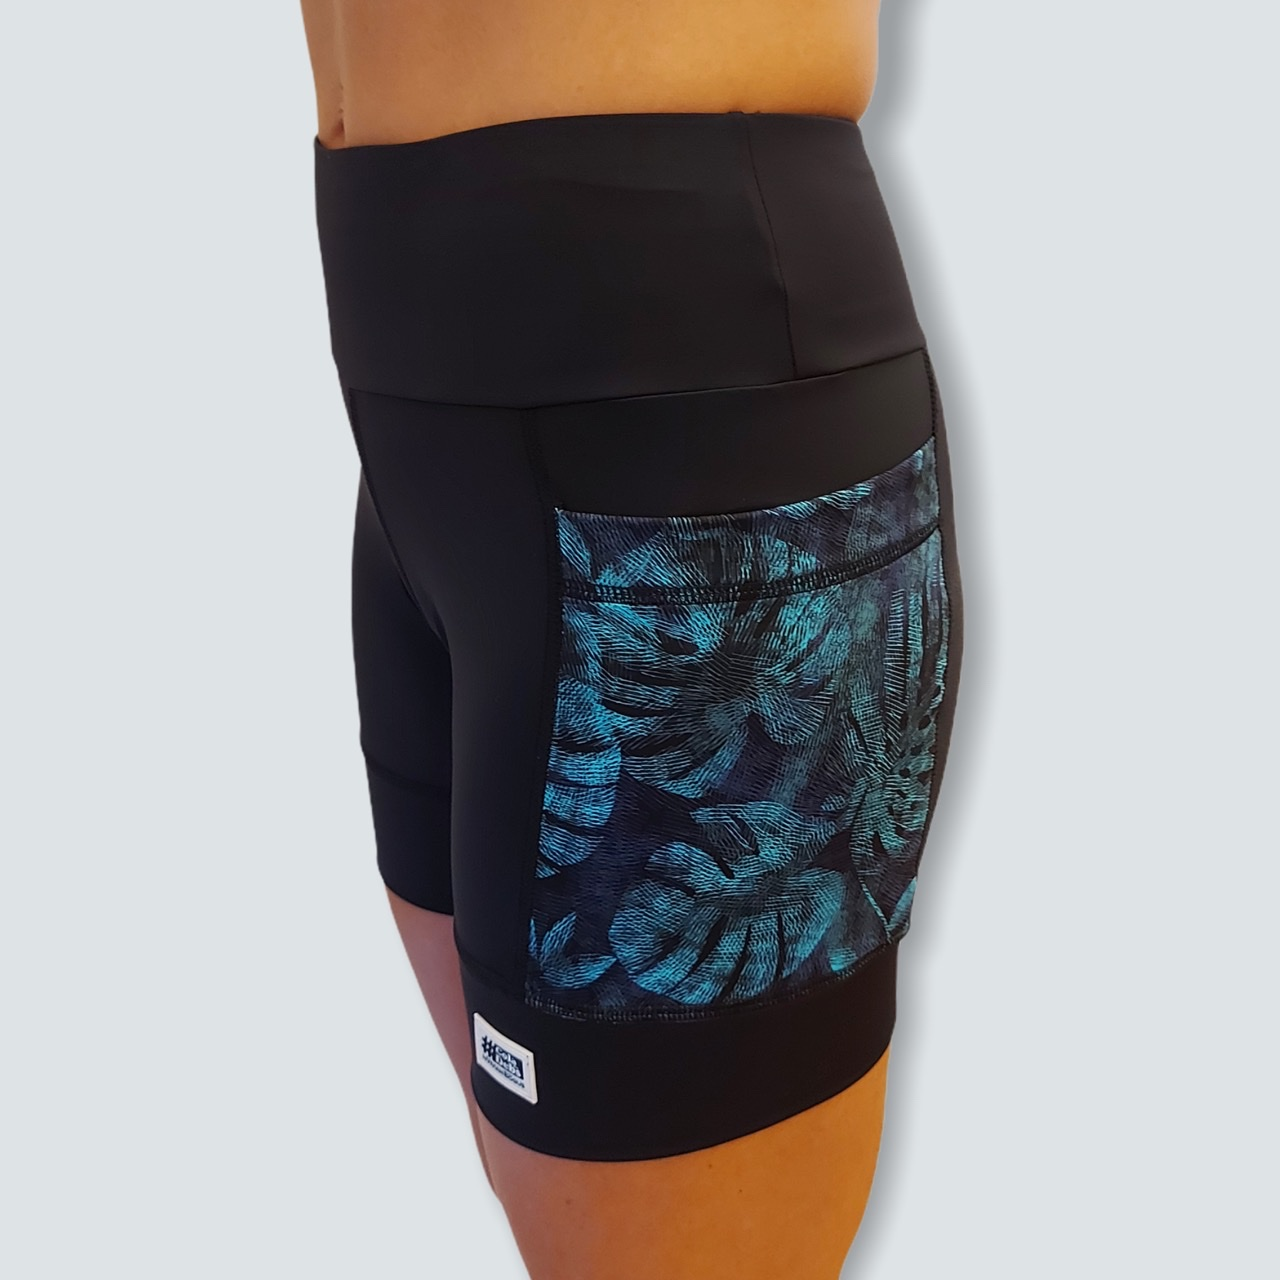 Shorts de compressão 2 bolsos laterais Square em compress preto bolsos estampa folhagem